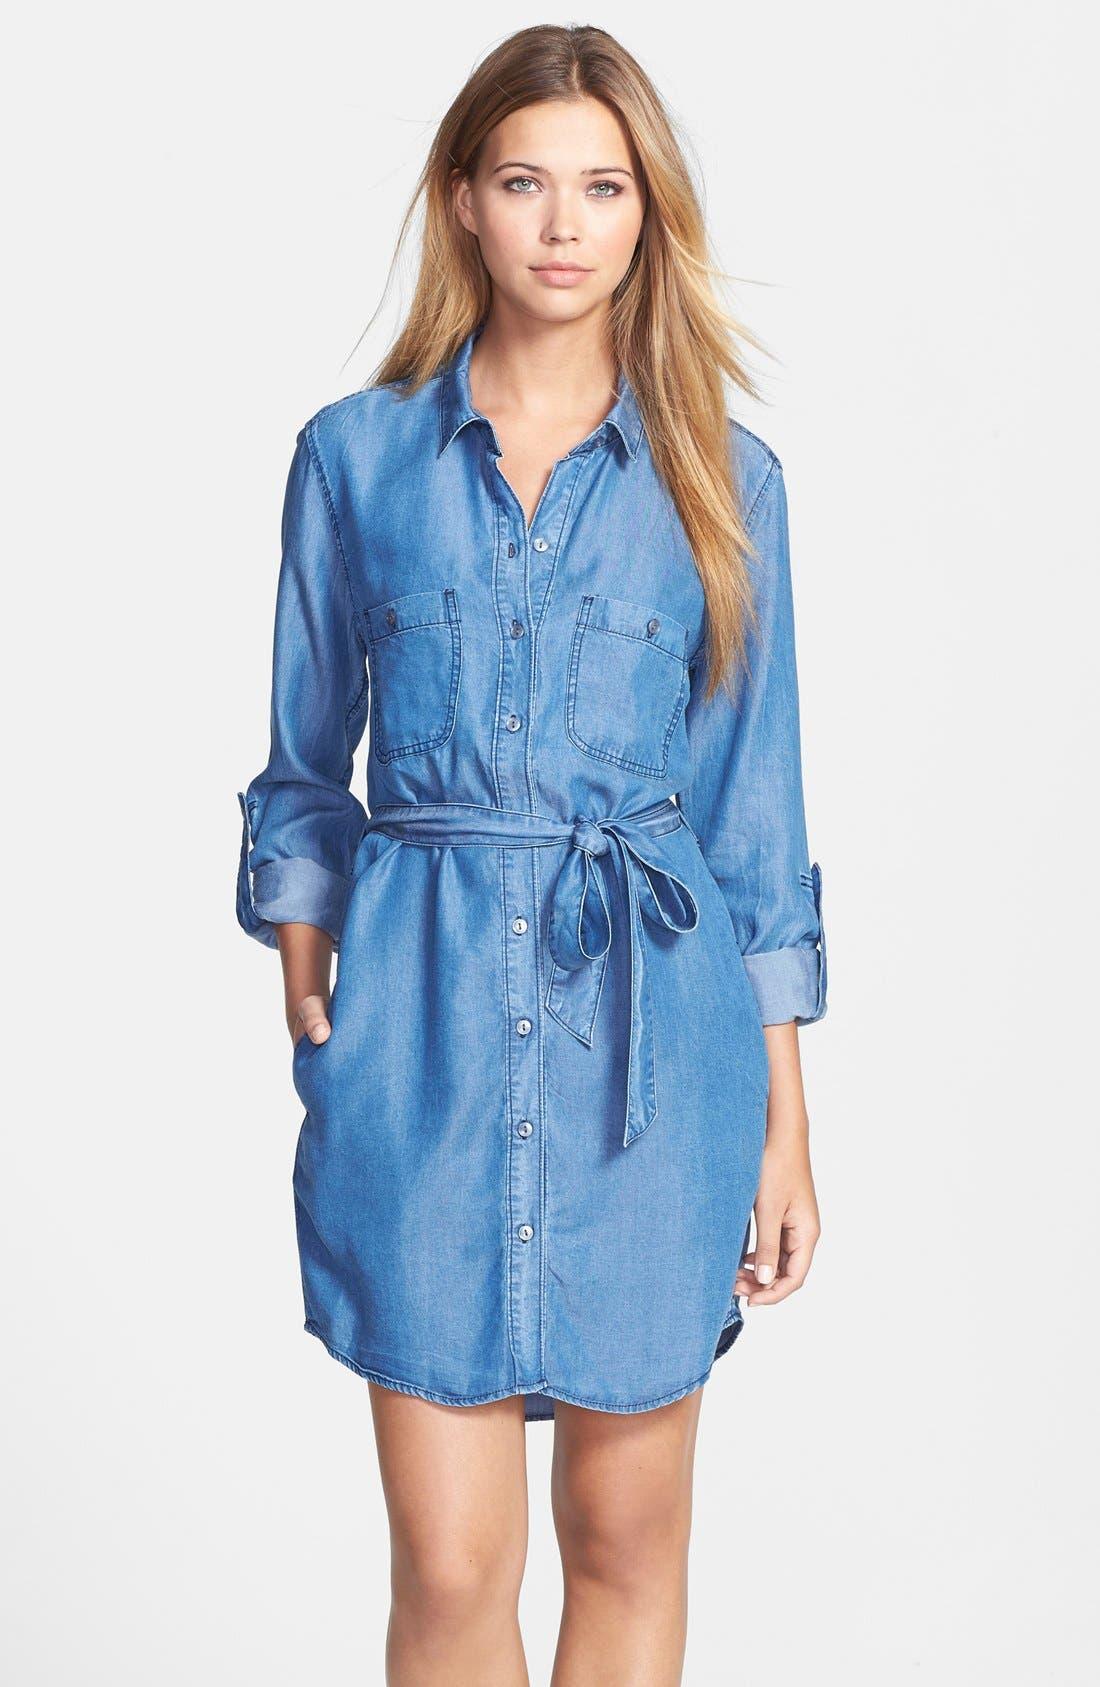 Alternate Image 1 Selected - Velvet Heart Roll Sleeve Chambray Shirtdress